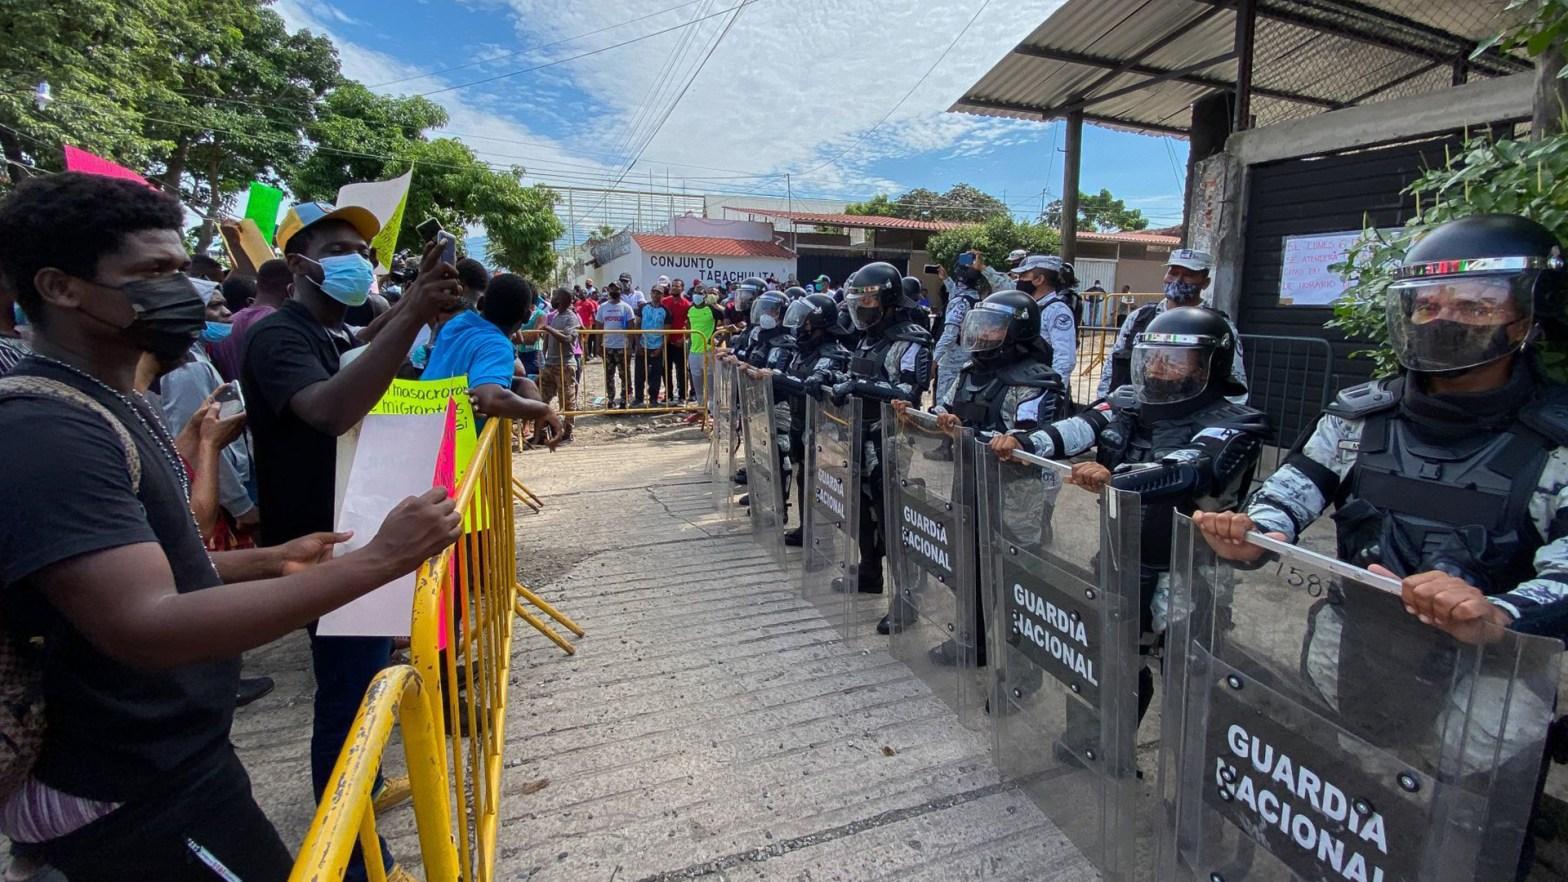 foto de migrantes frente a una fila de integrantes de la guardia nacional